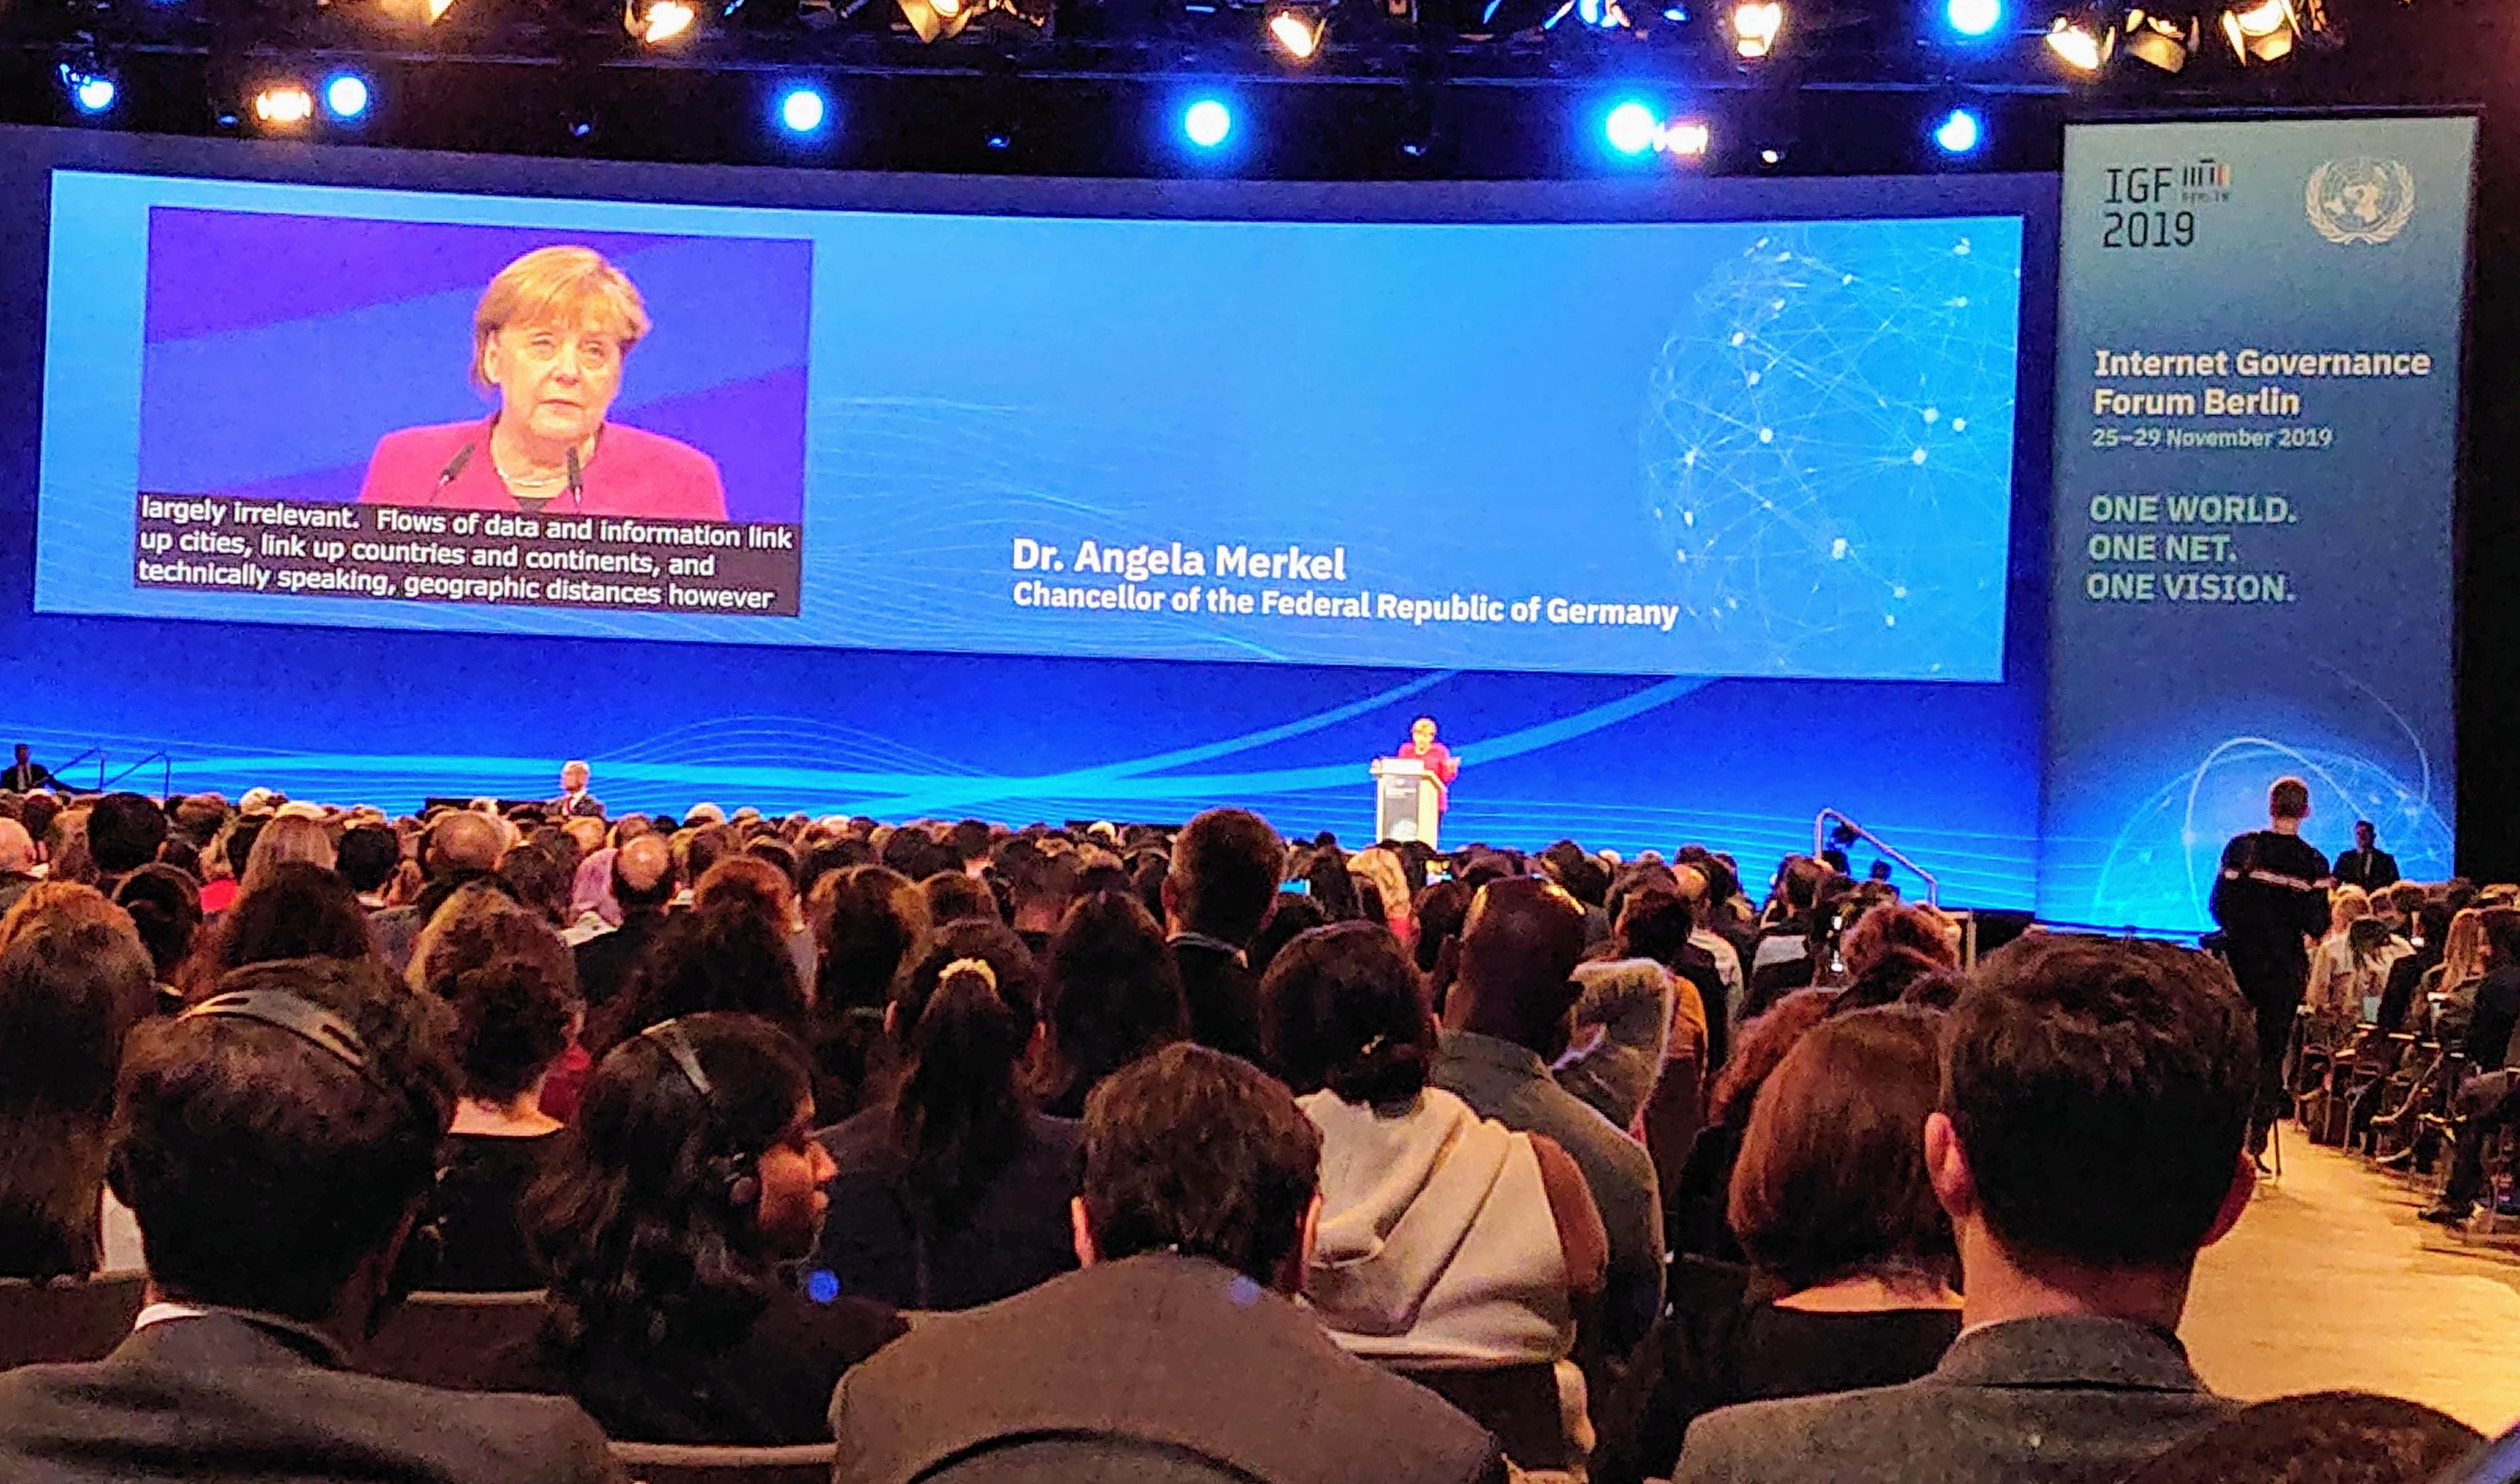 Liittokansleri Merkel Internetin hallintofoorumin avajaistilaisuudessa Berliinissä. Kuva: Petri Kuurma.